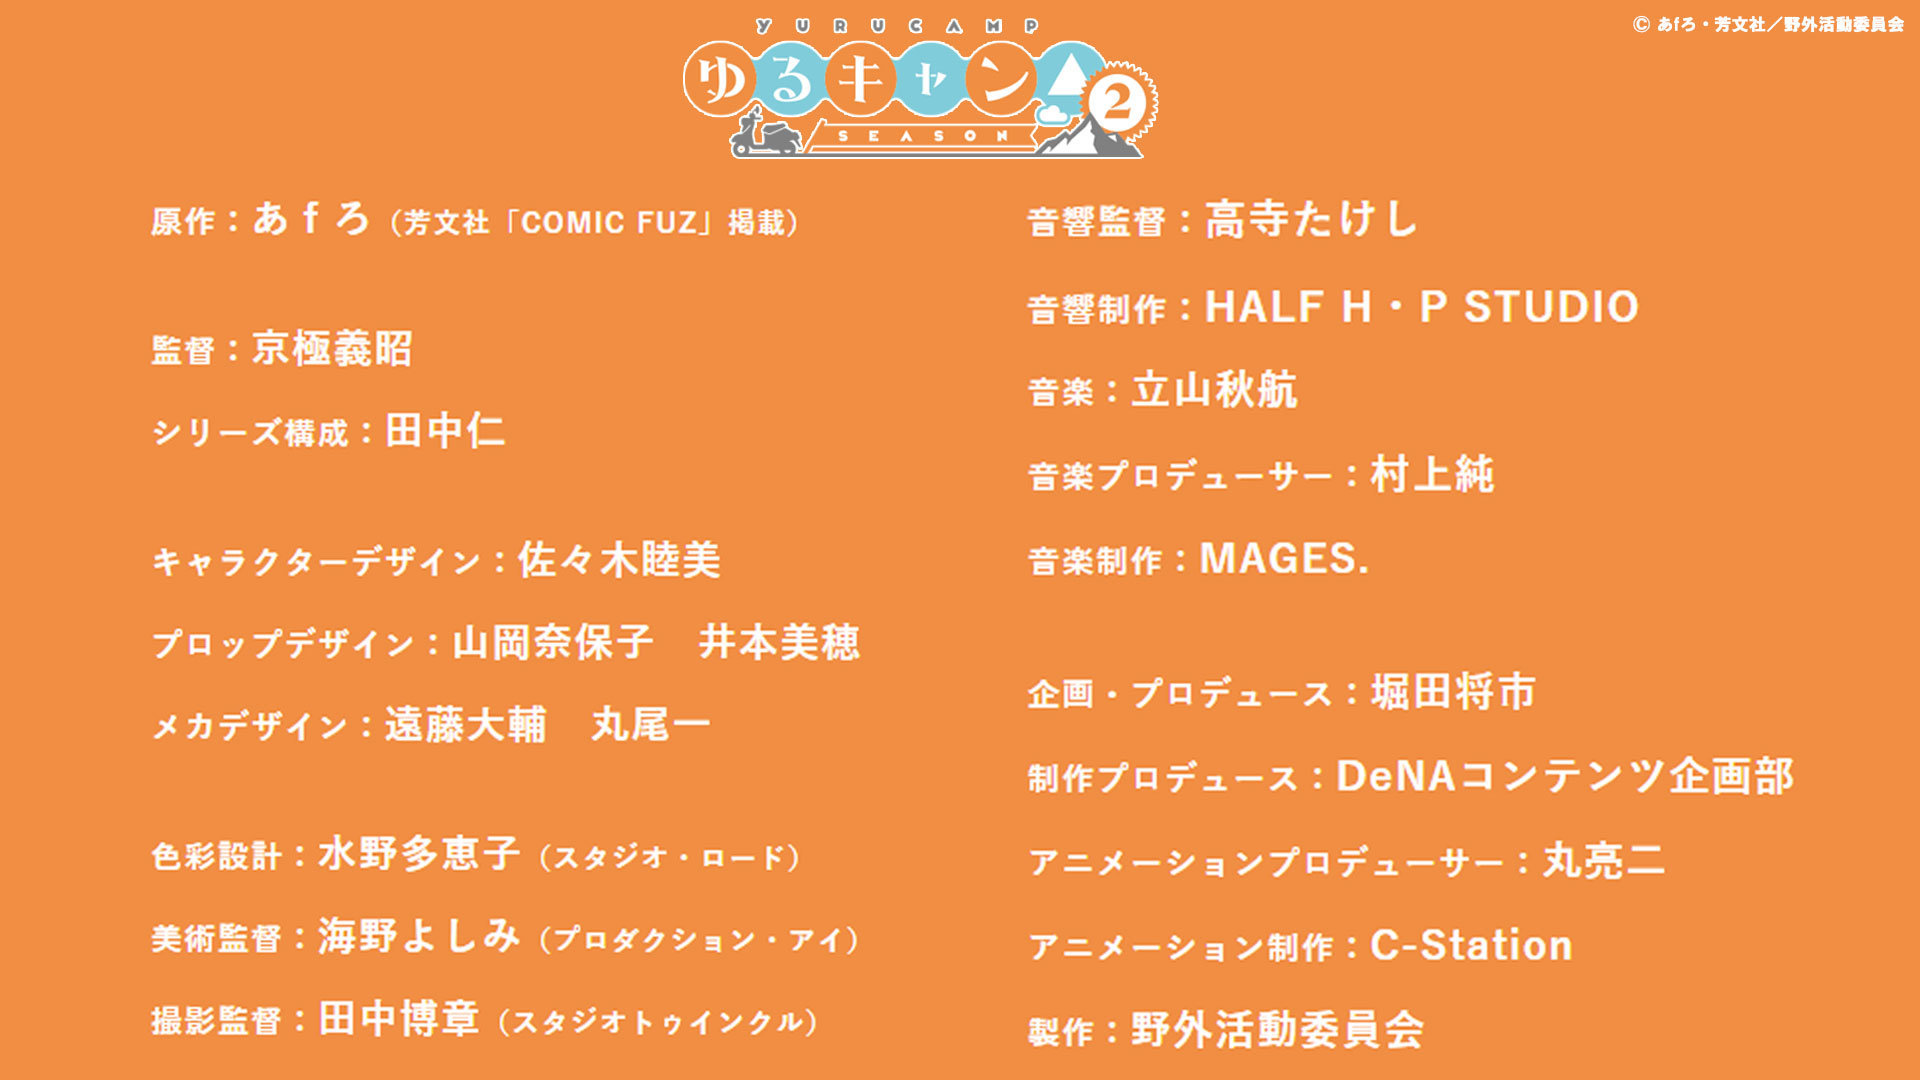 TV动画《摇曳露营△》第二季STAFF公开,2021年1月播出- ACG17.COM